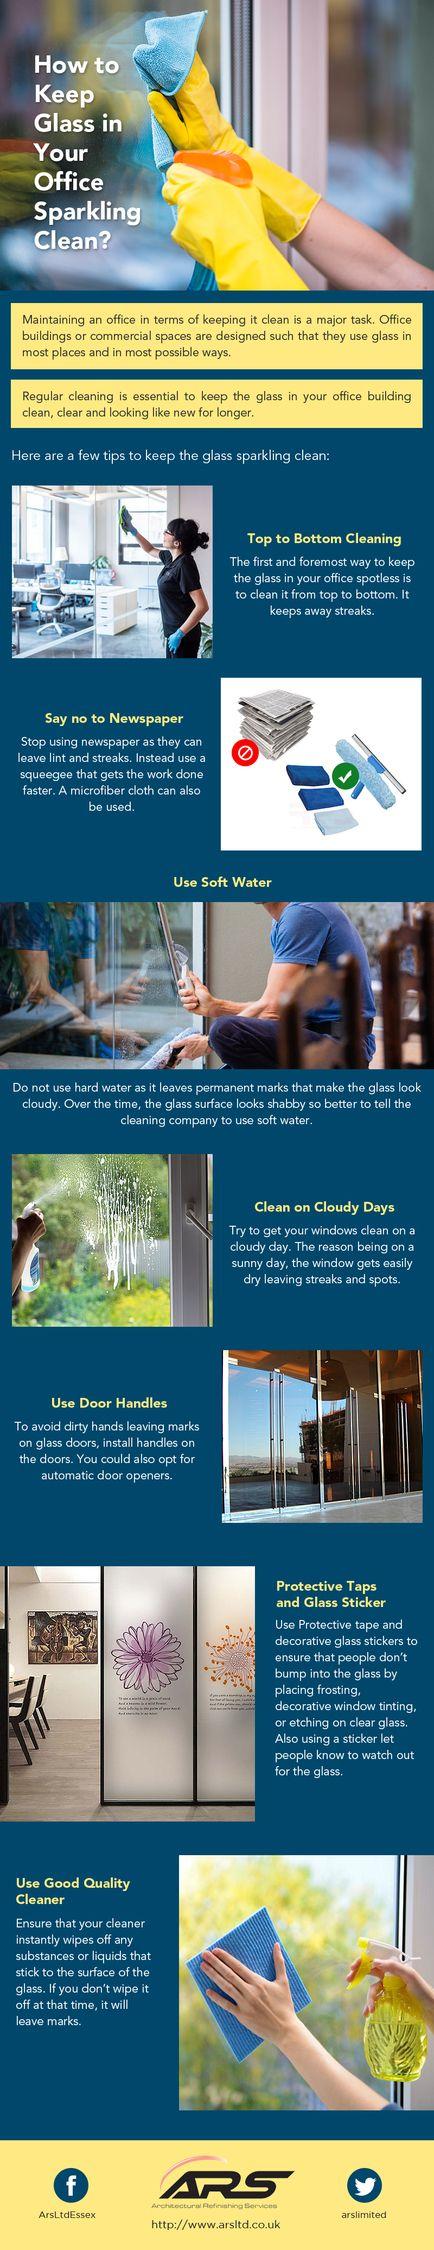 Glass Office Sparkling Clean? M - arsltd | ello